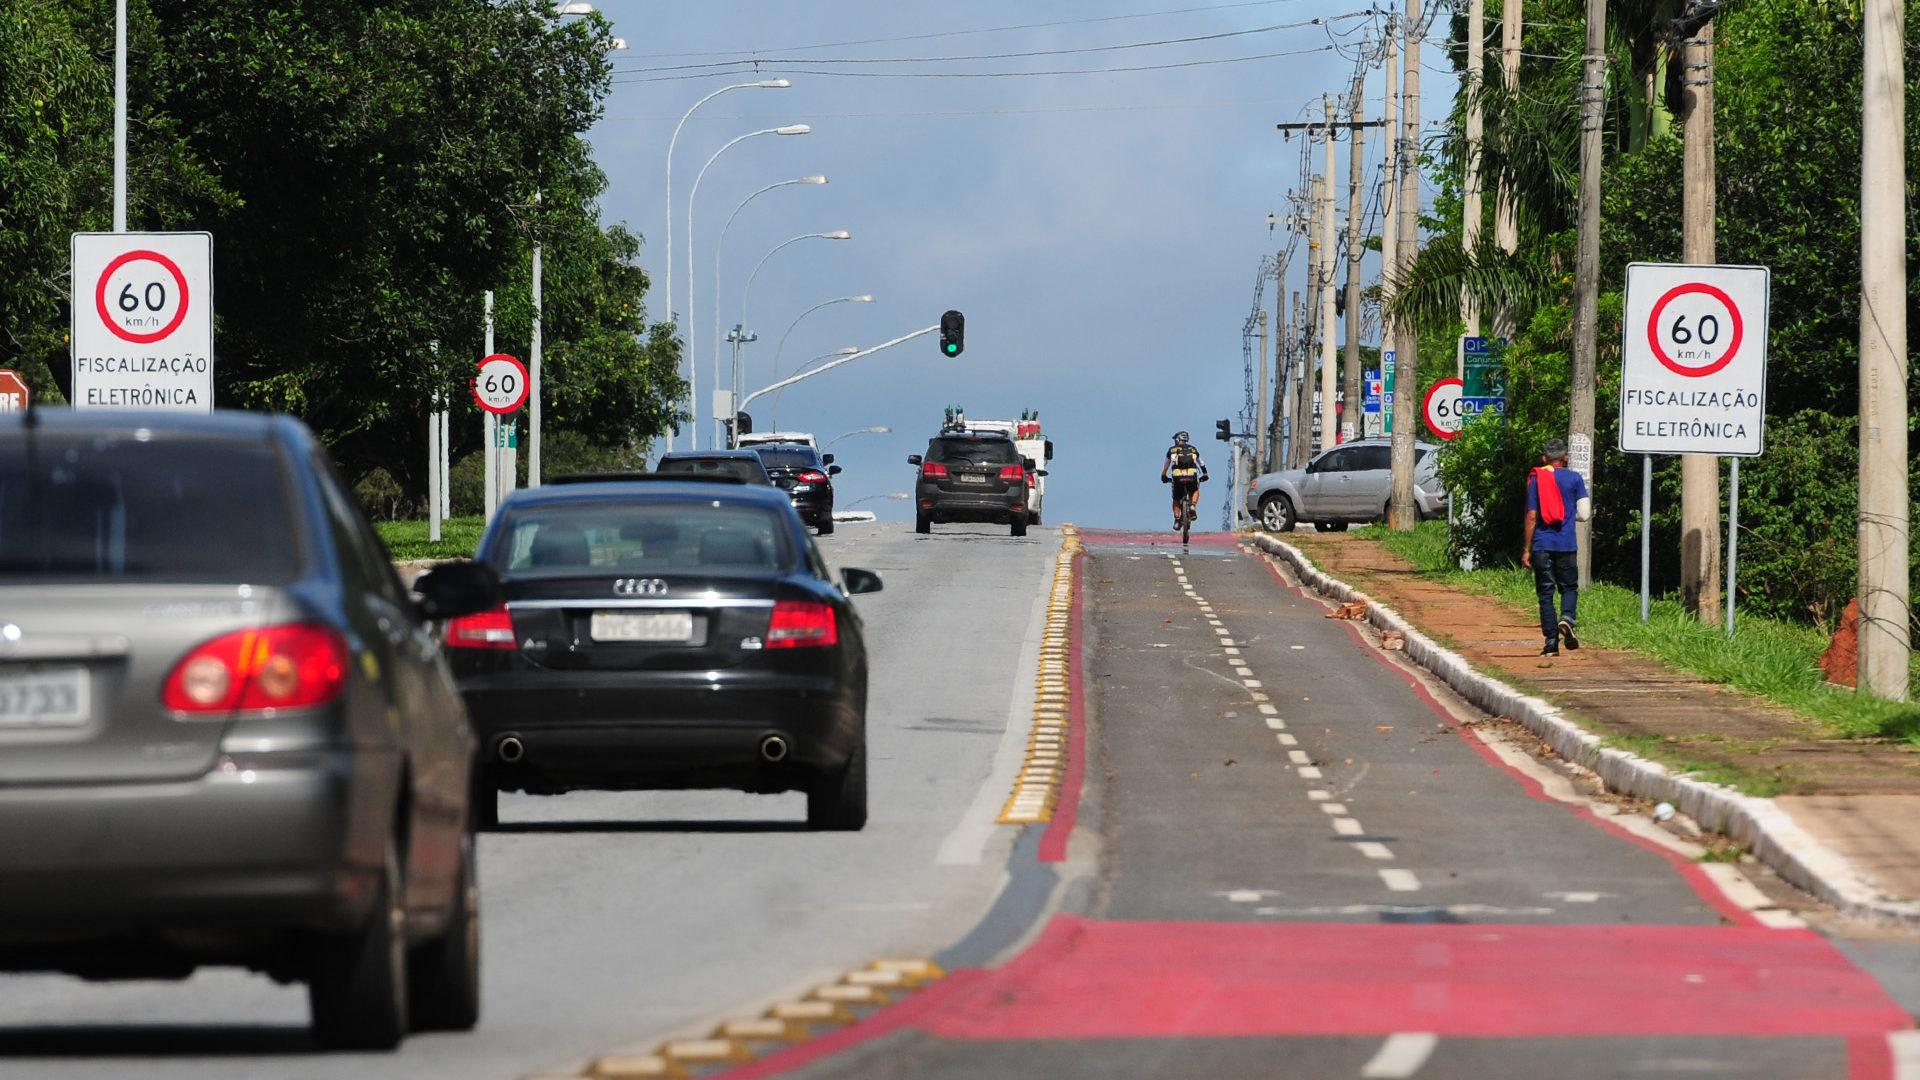 O limite de velocidade caiu para 60 quilômetros e a ciclofaixa recebeu nova sinalização